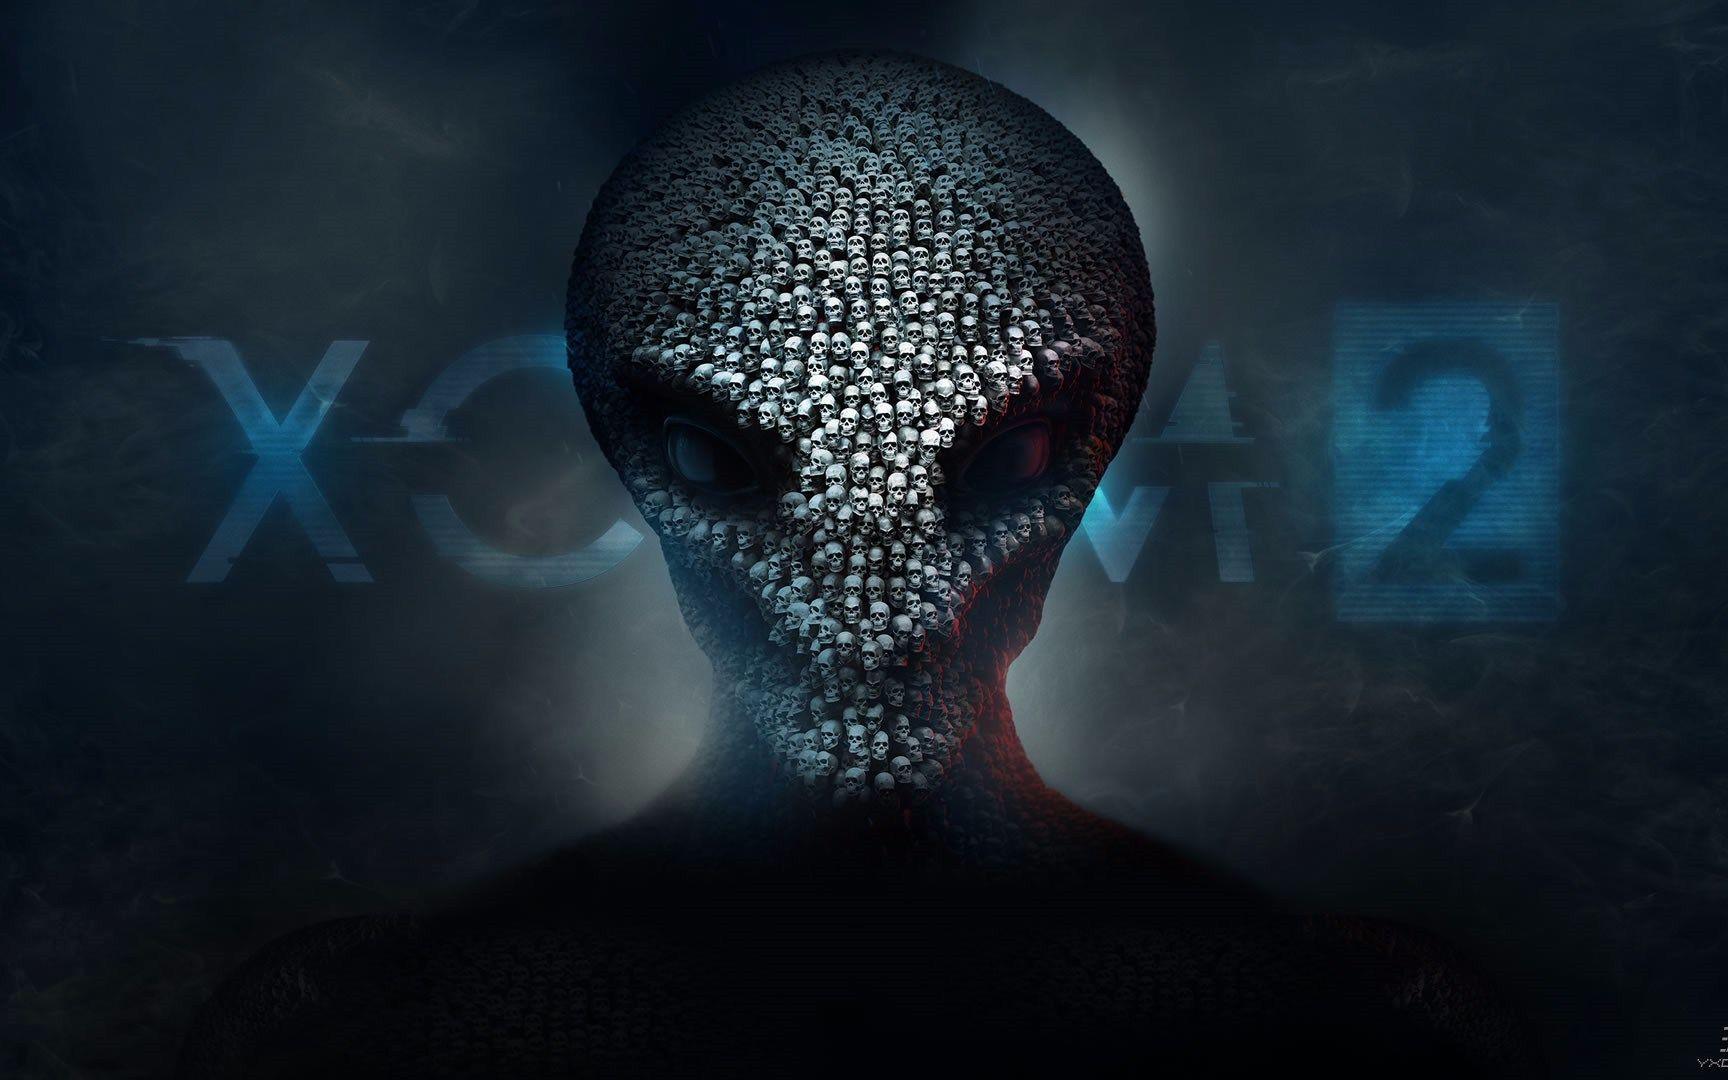 辉煌妖孽的【xcom2】 游戏实况第二期之出师未捷